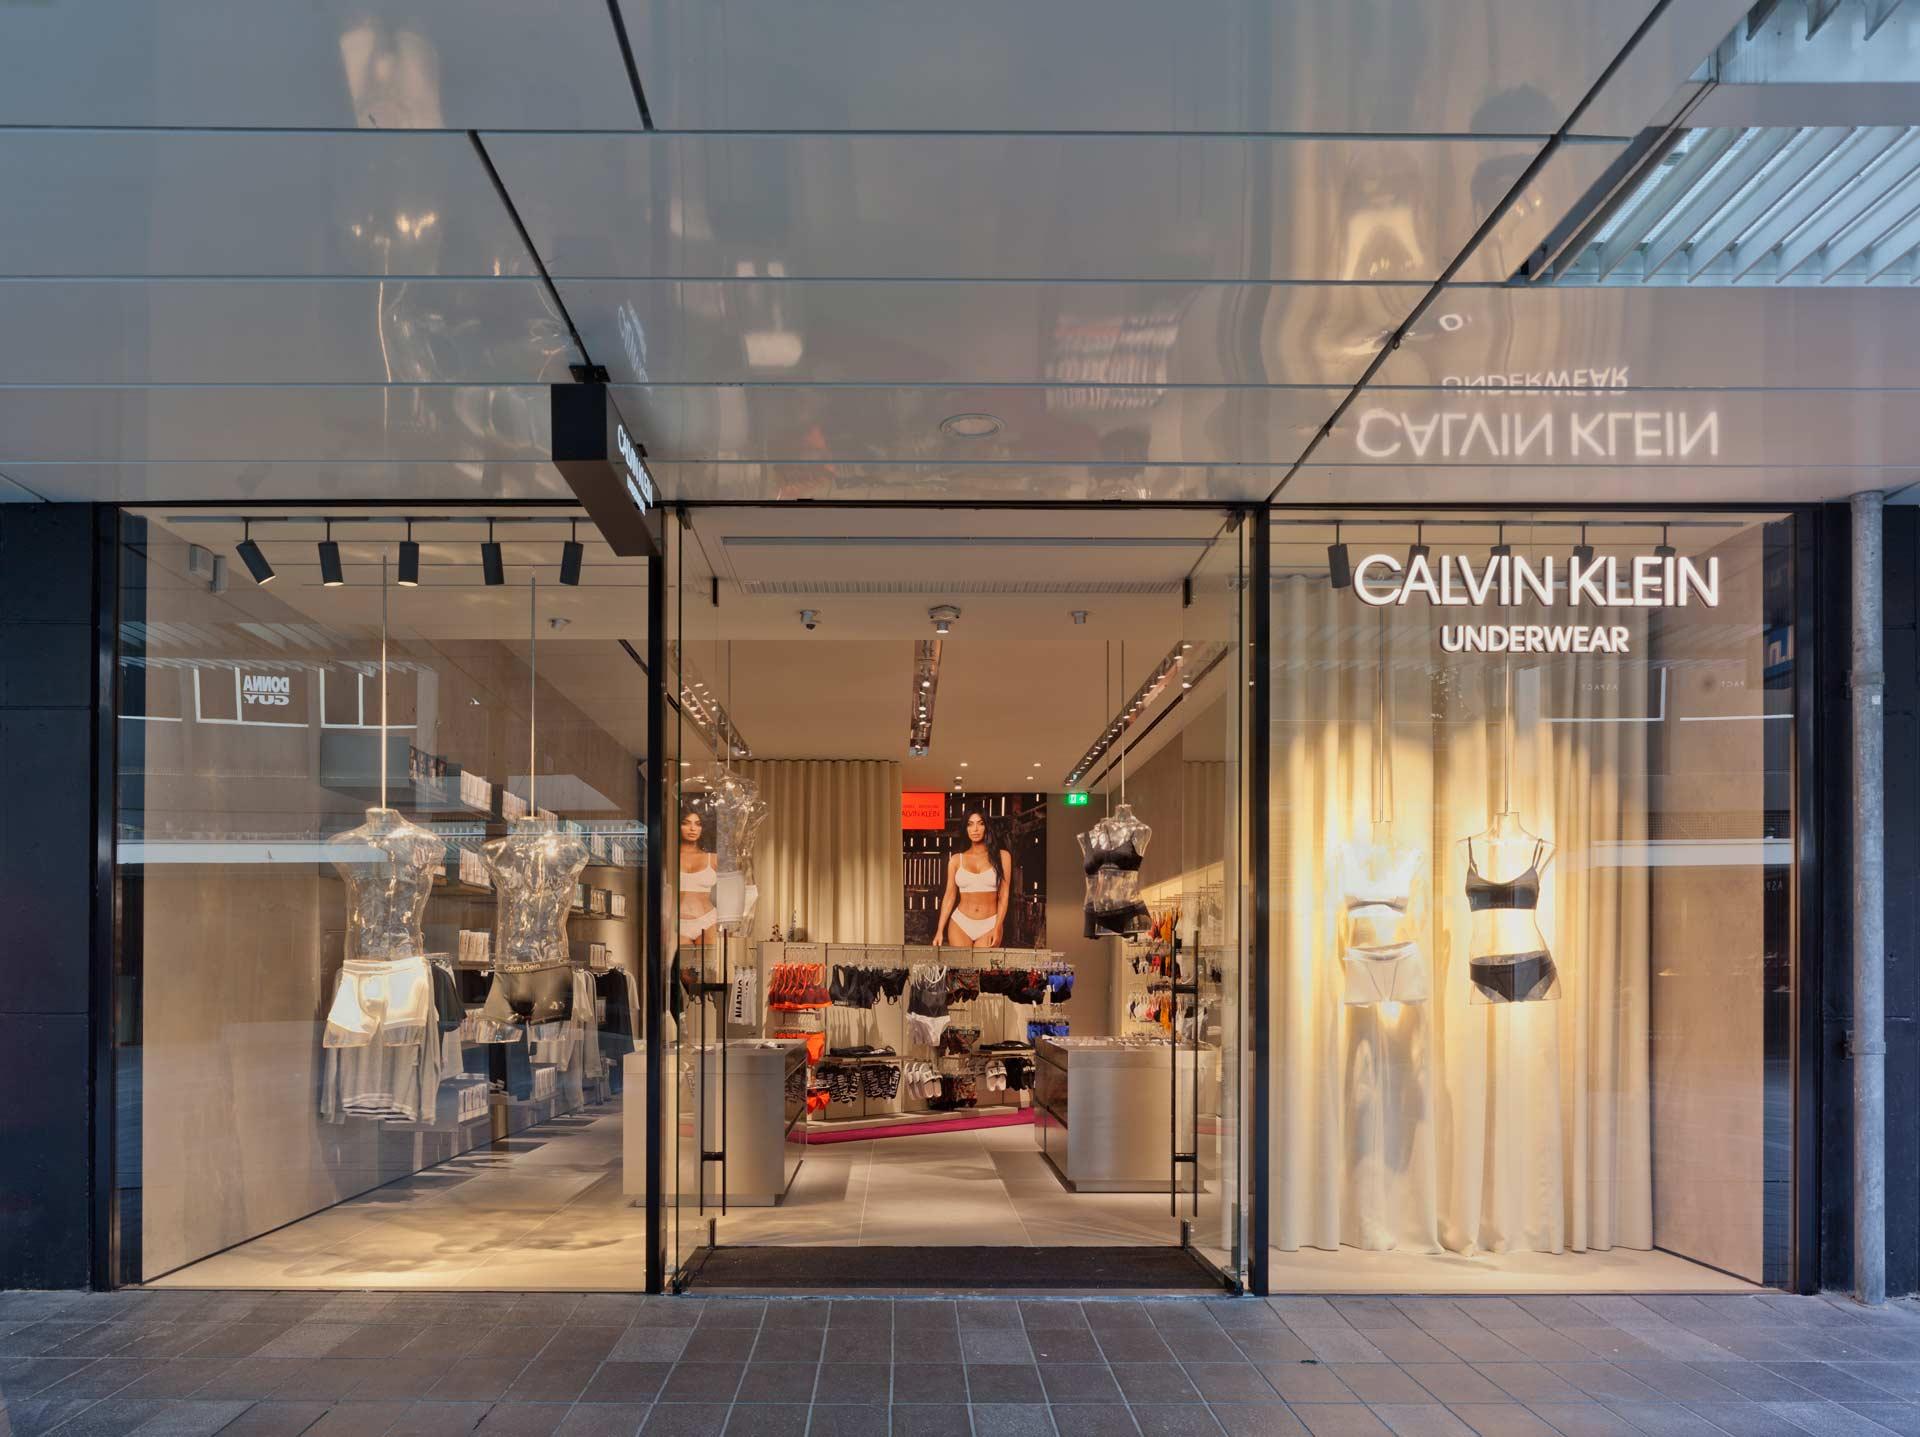 CalvinKleinUnderwear-RDK-lores-lagado-architects-4